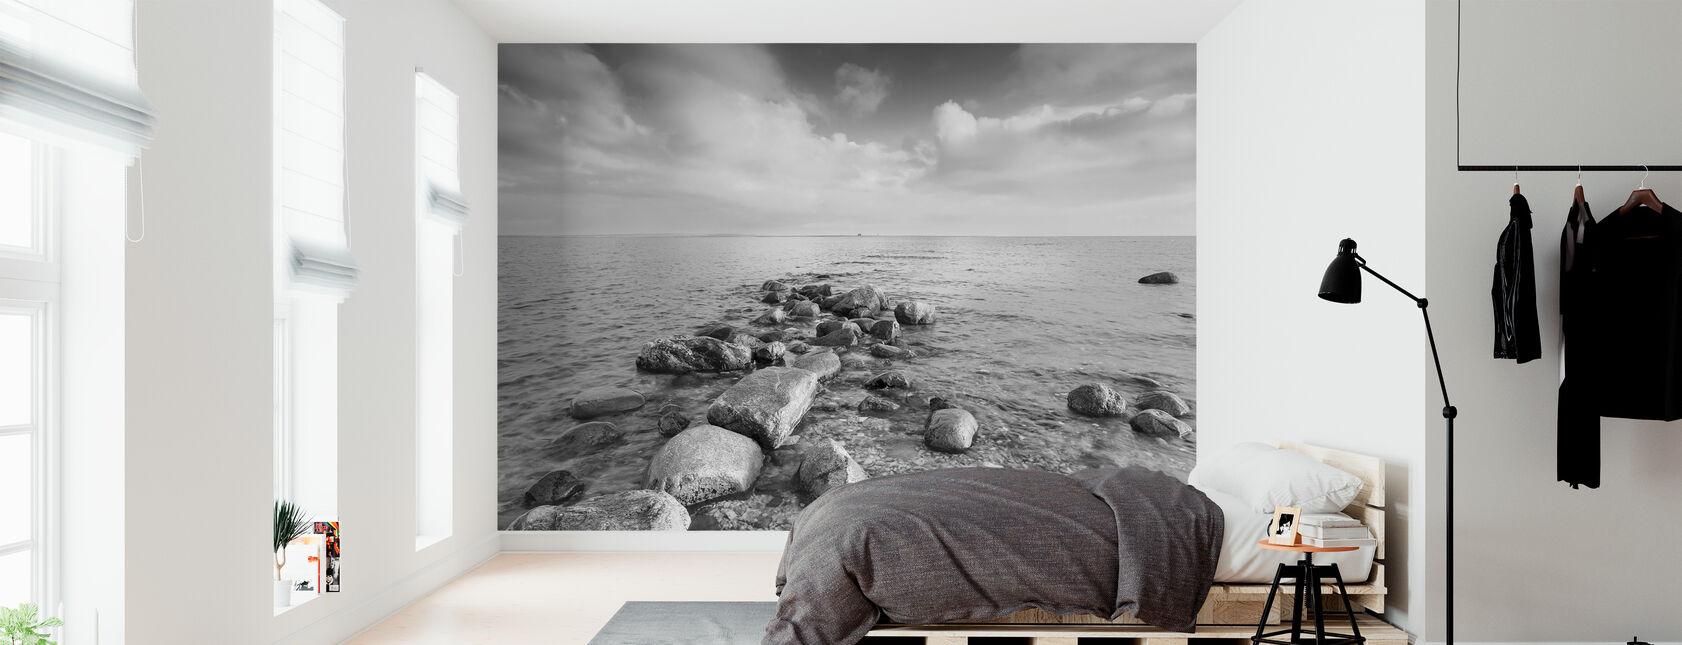 Musta ja Valkoinen meri - Tapetti - Makuuhuone